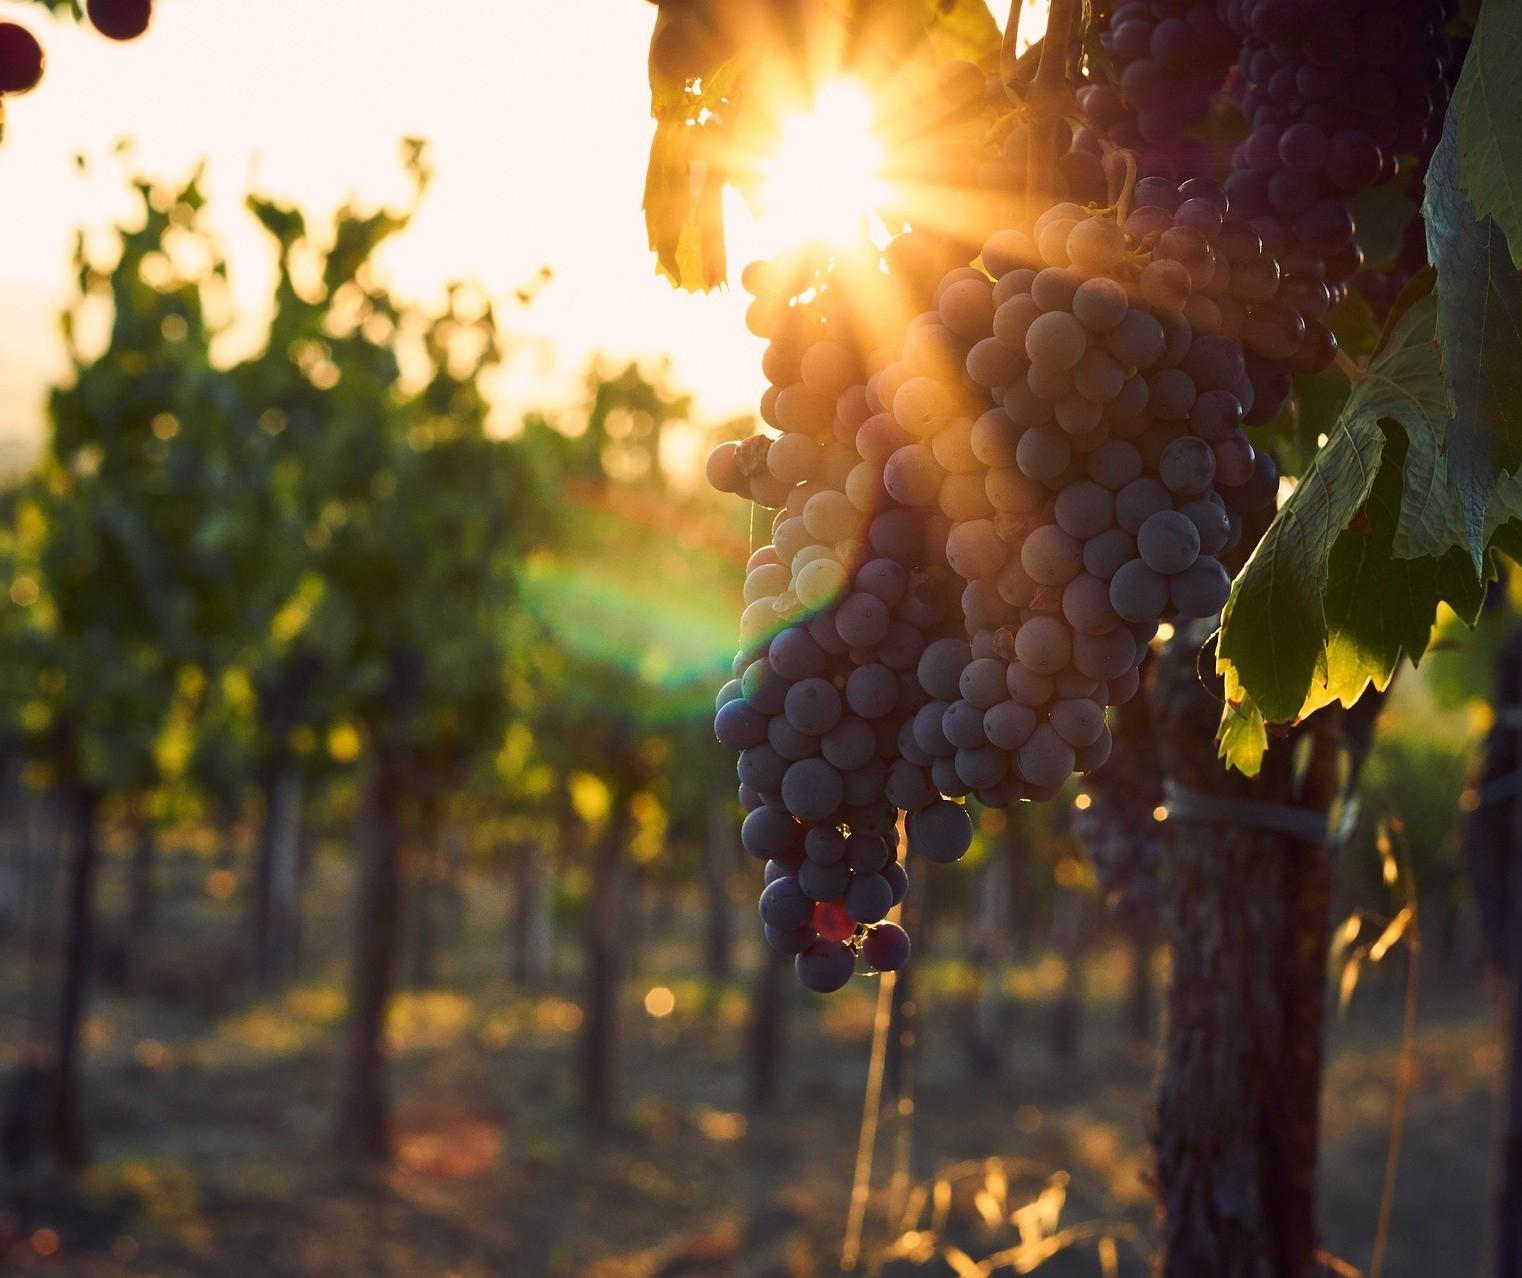 Primavera, renovação e vinhos